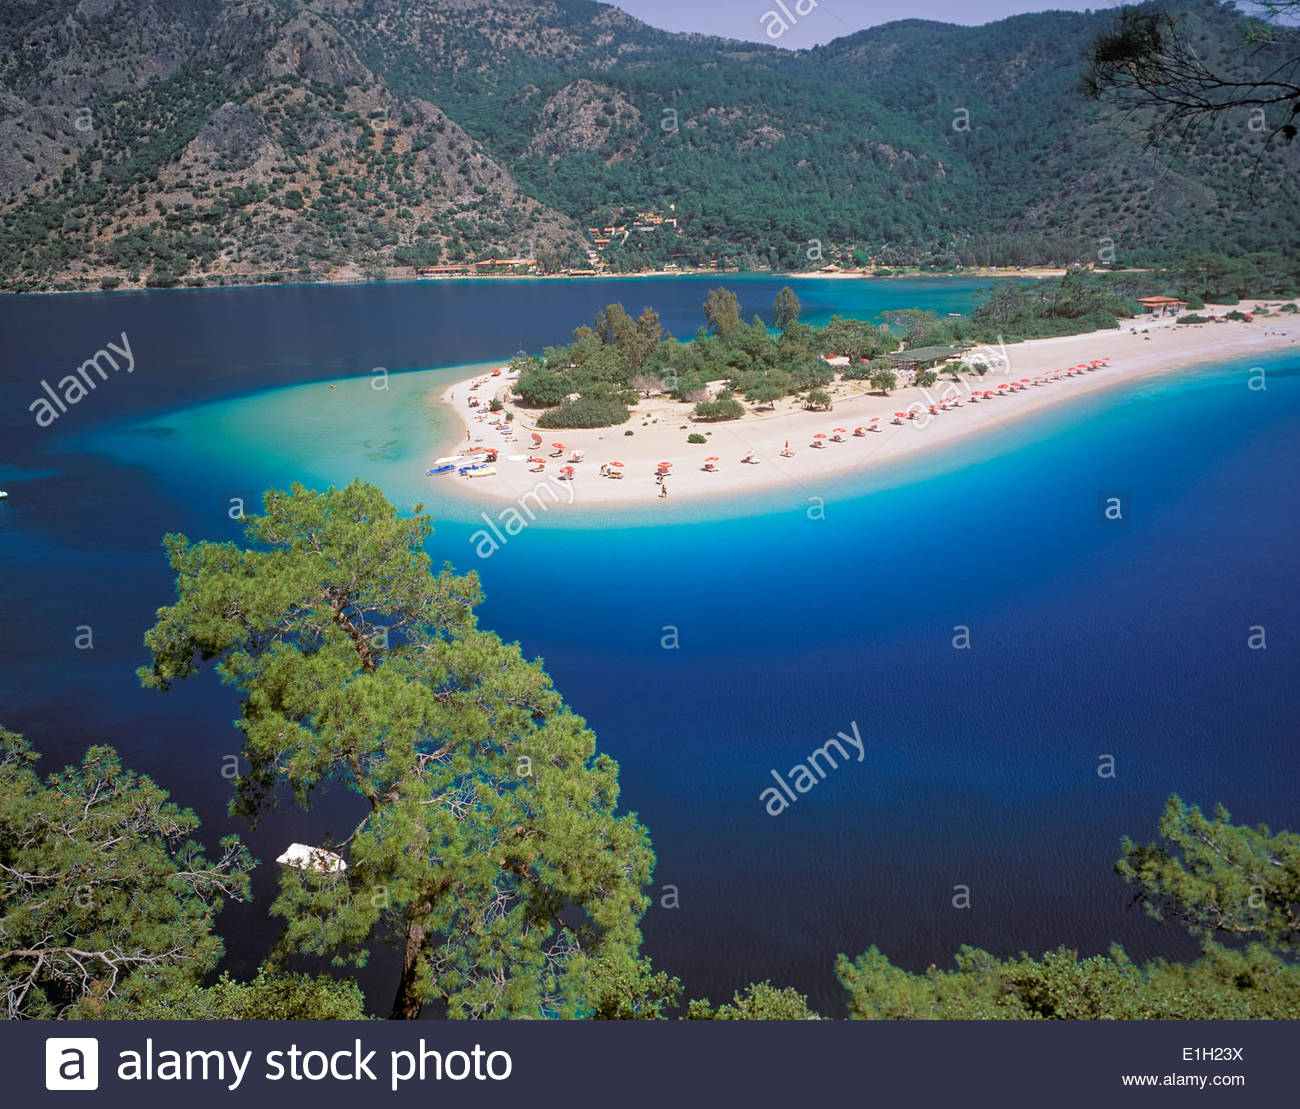 Vista della Laguna Blu Oludeniz, Anatolia, Turchia Immagini Stock